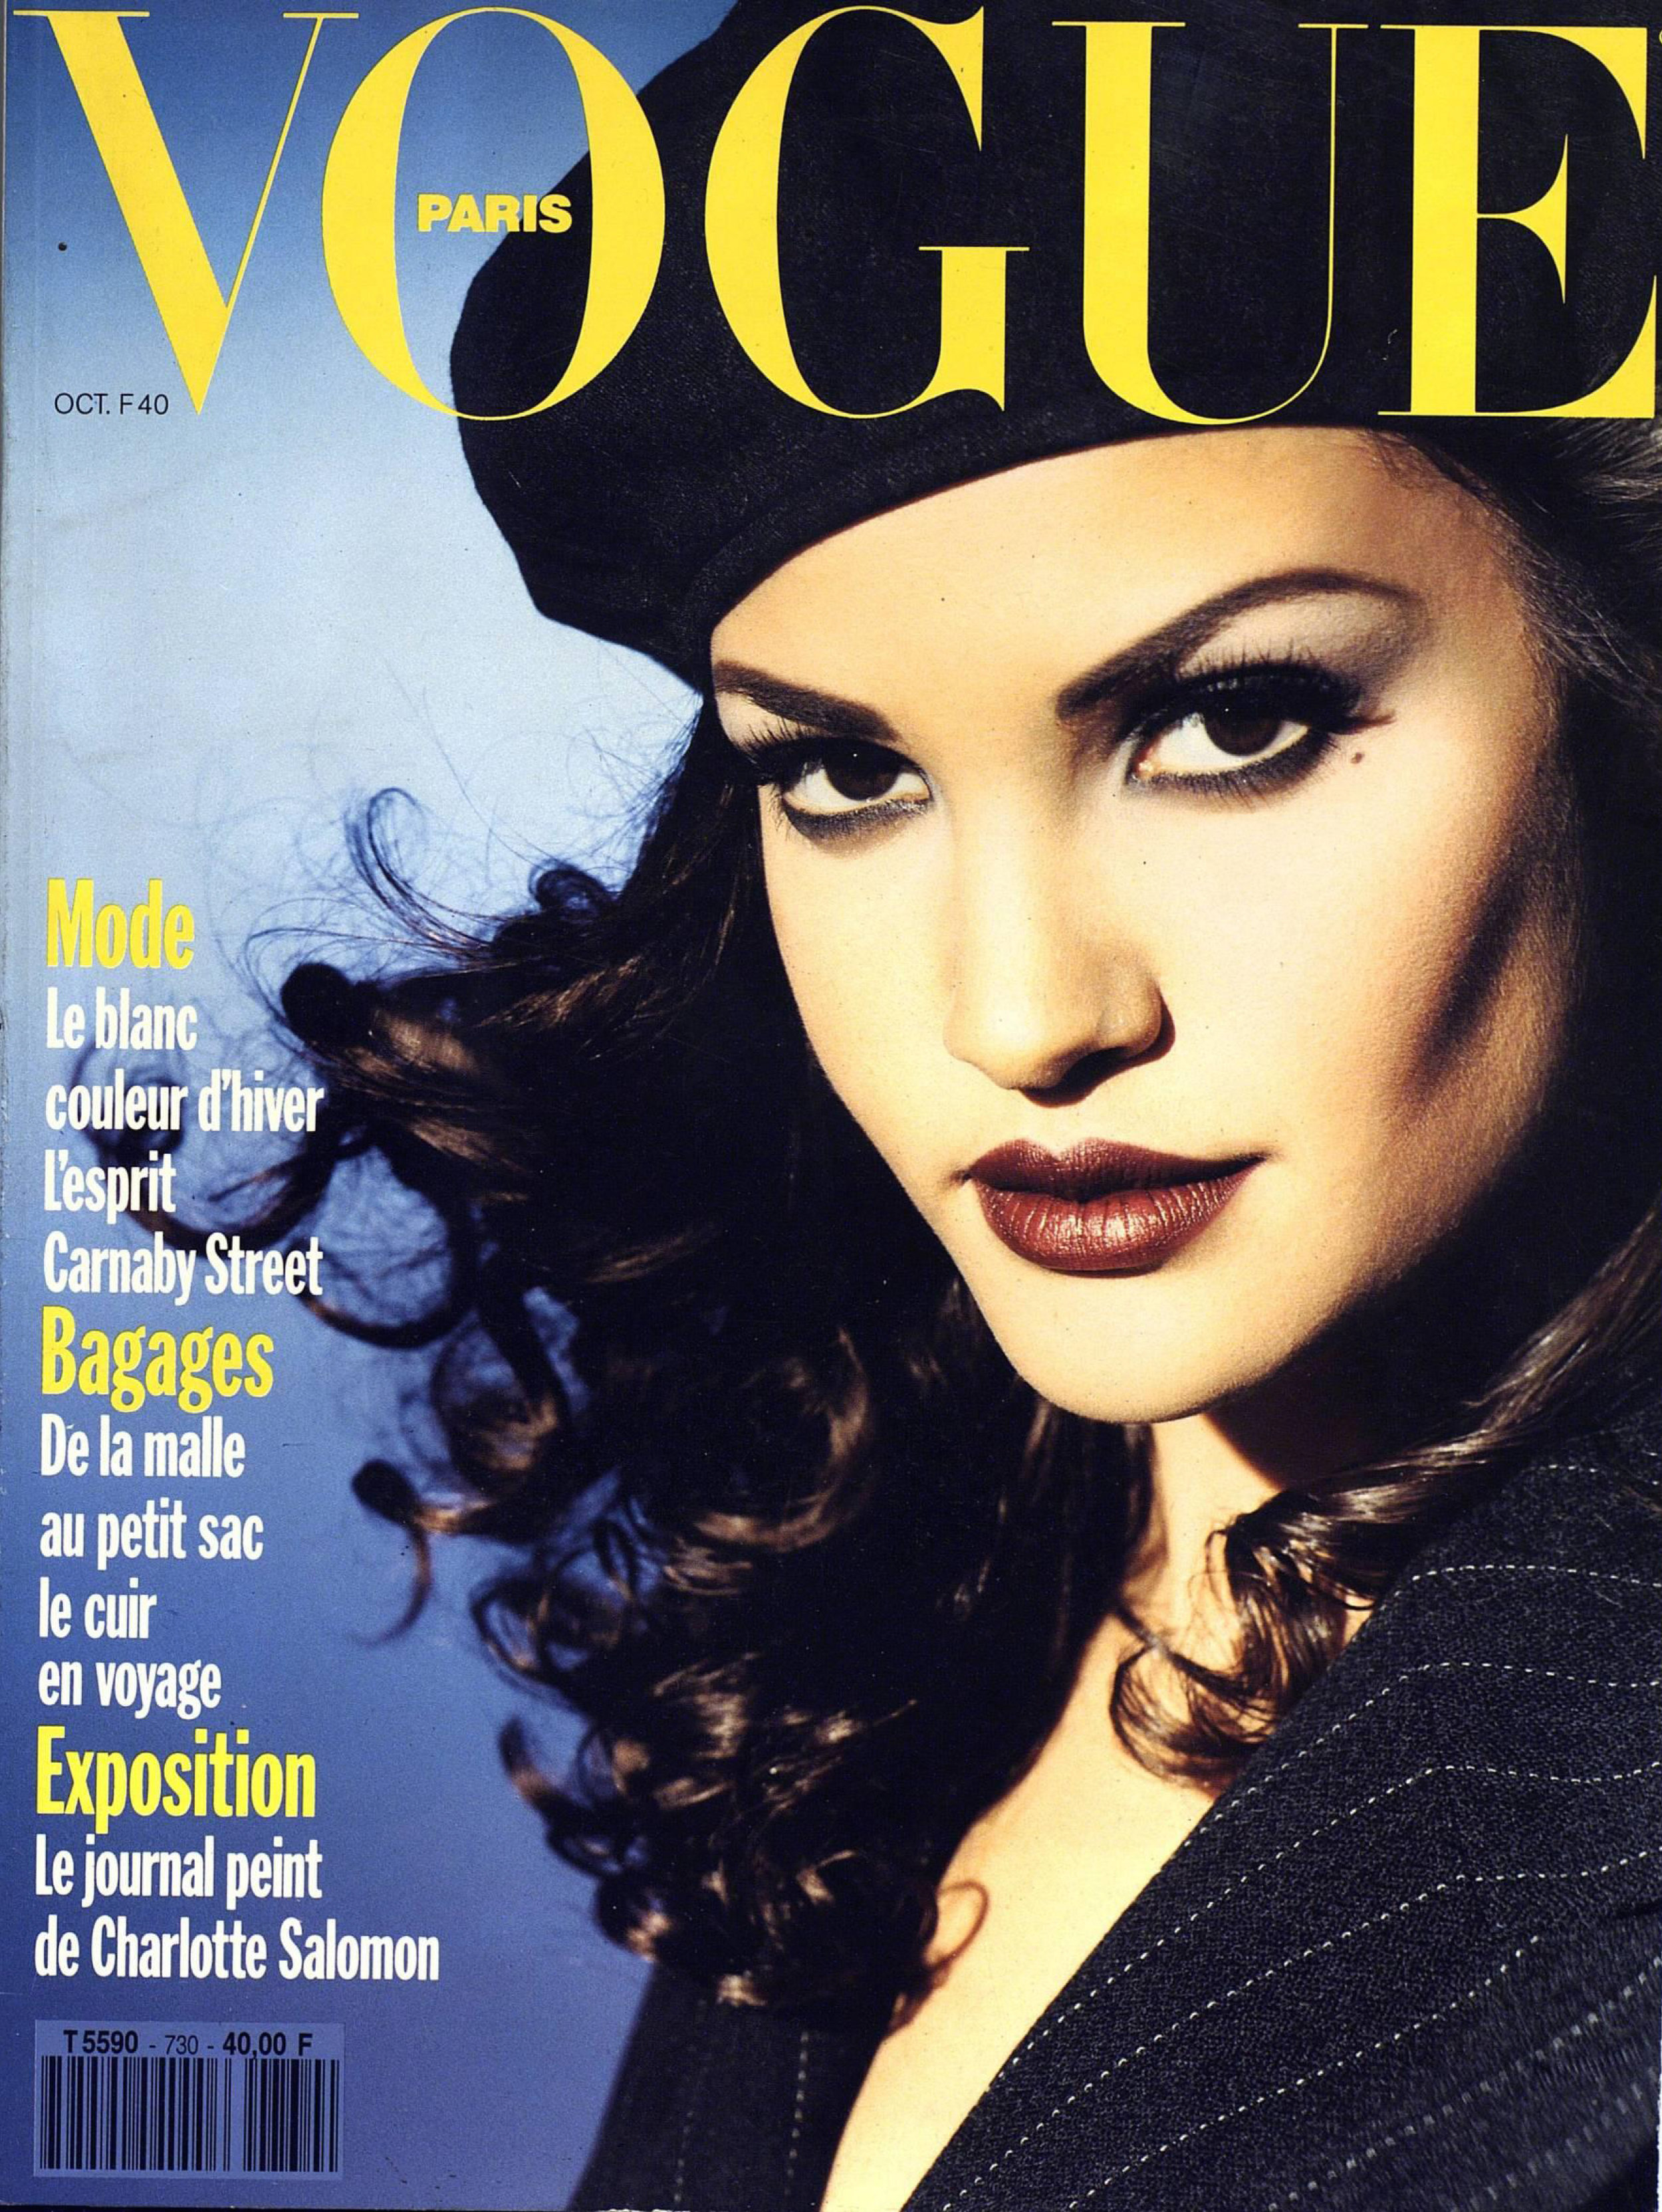 Vogue Paris Cover, Max Vadukul